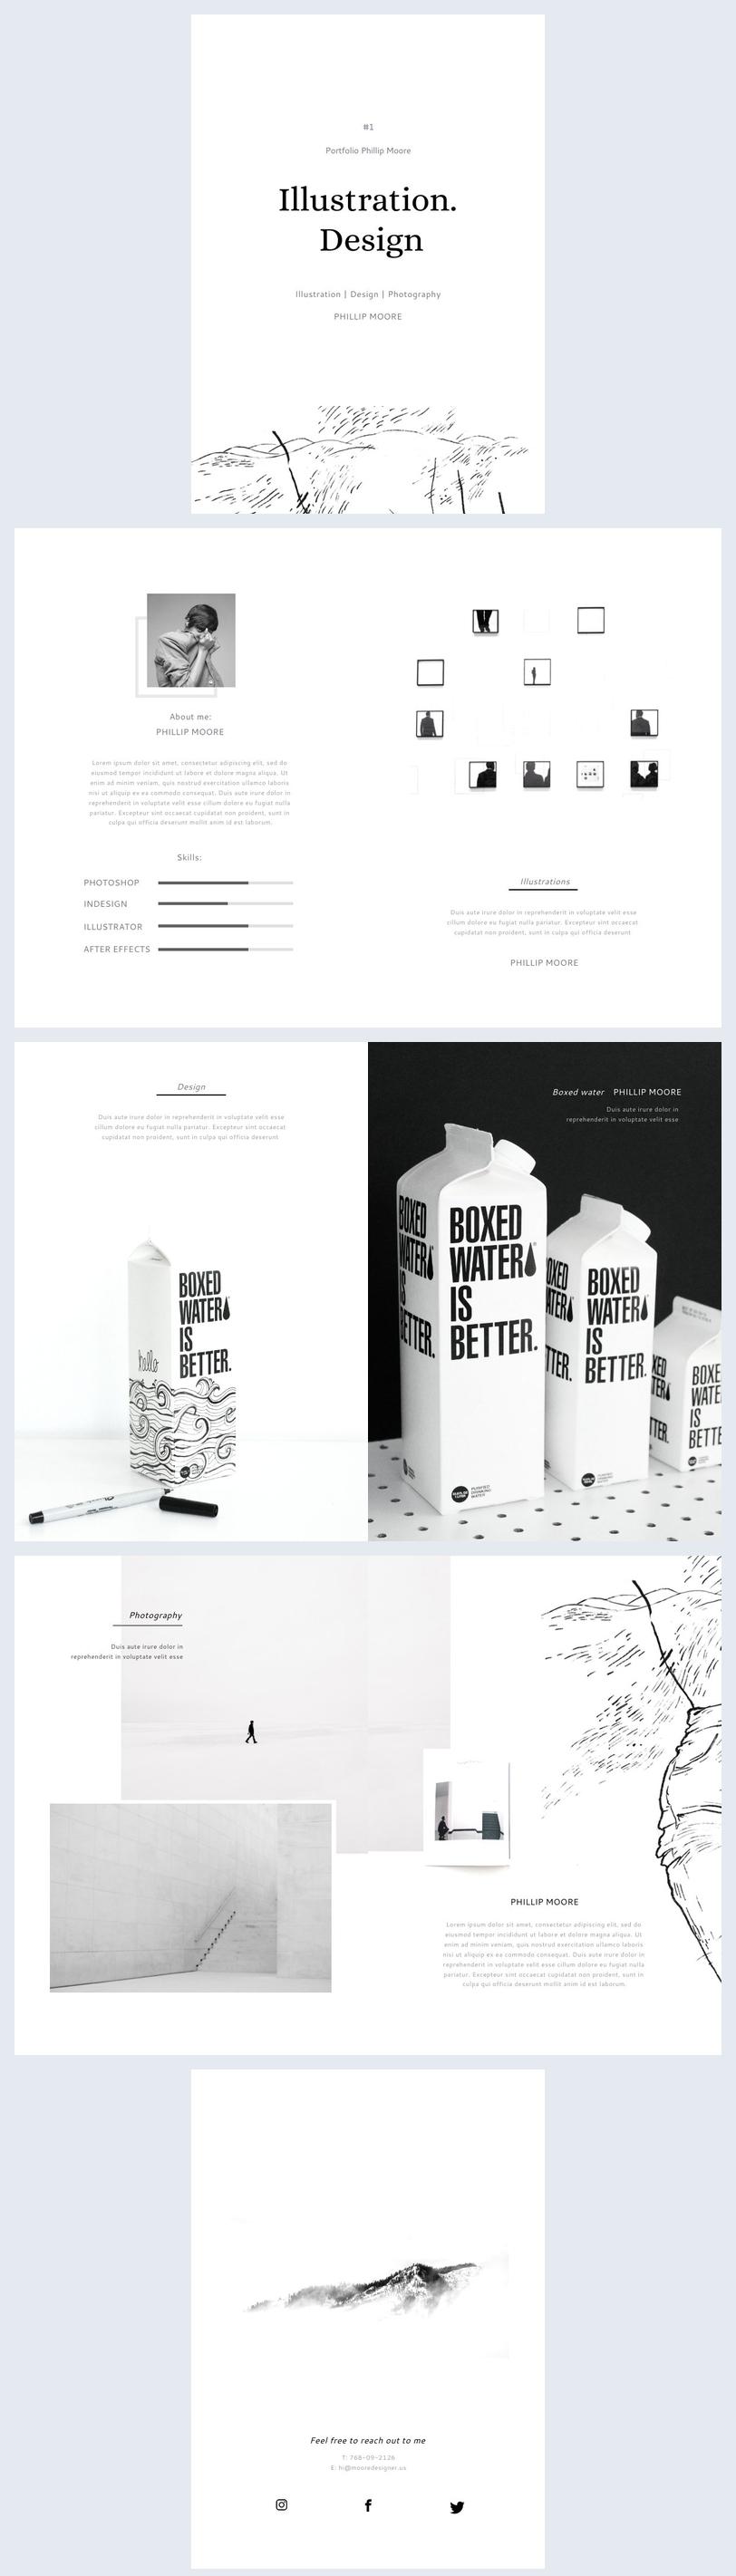 exemple de portfolio de design créatif